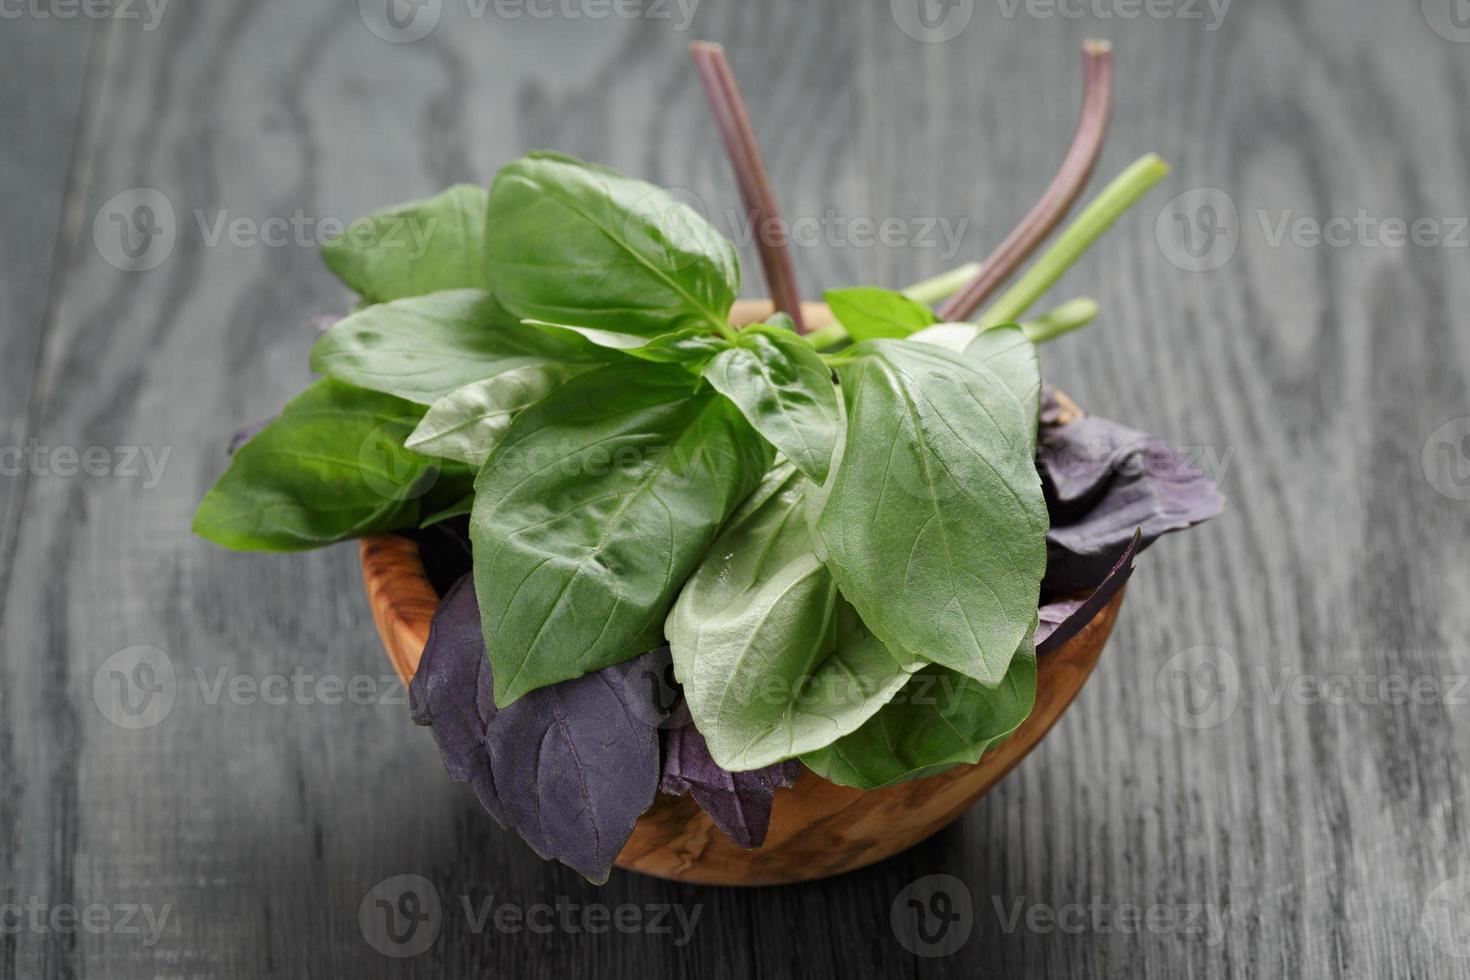 grüne und lila Basilikumblätter in der Holzschale auf dem Tisch foto